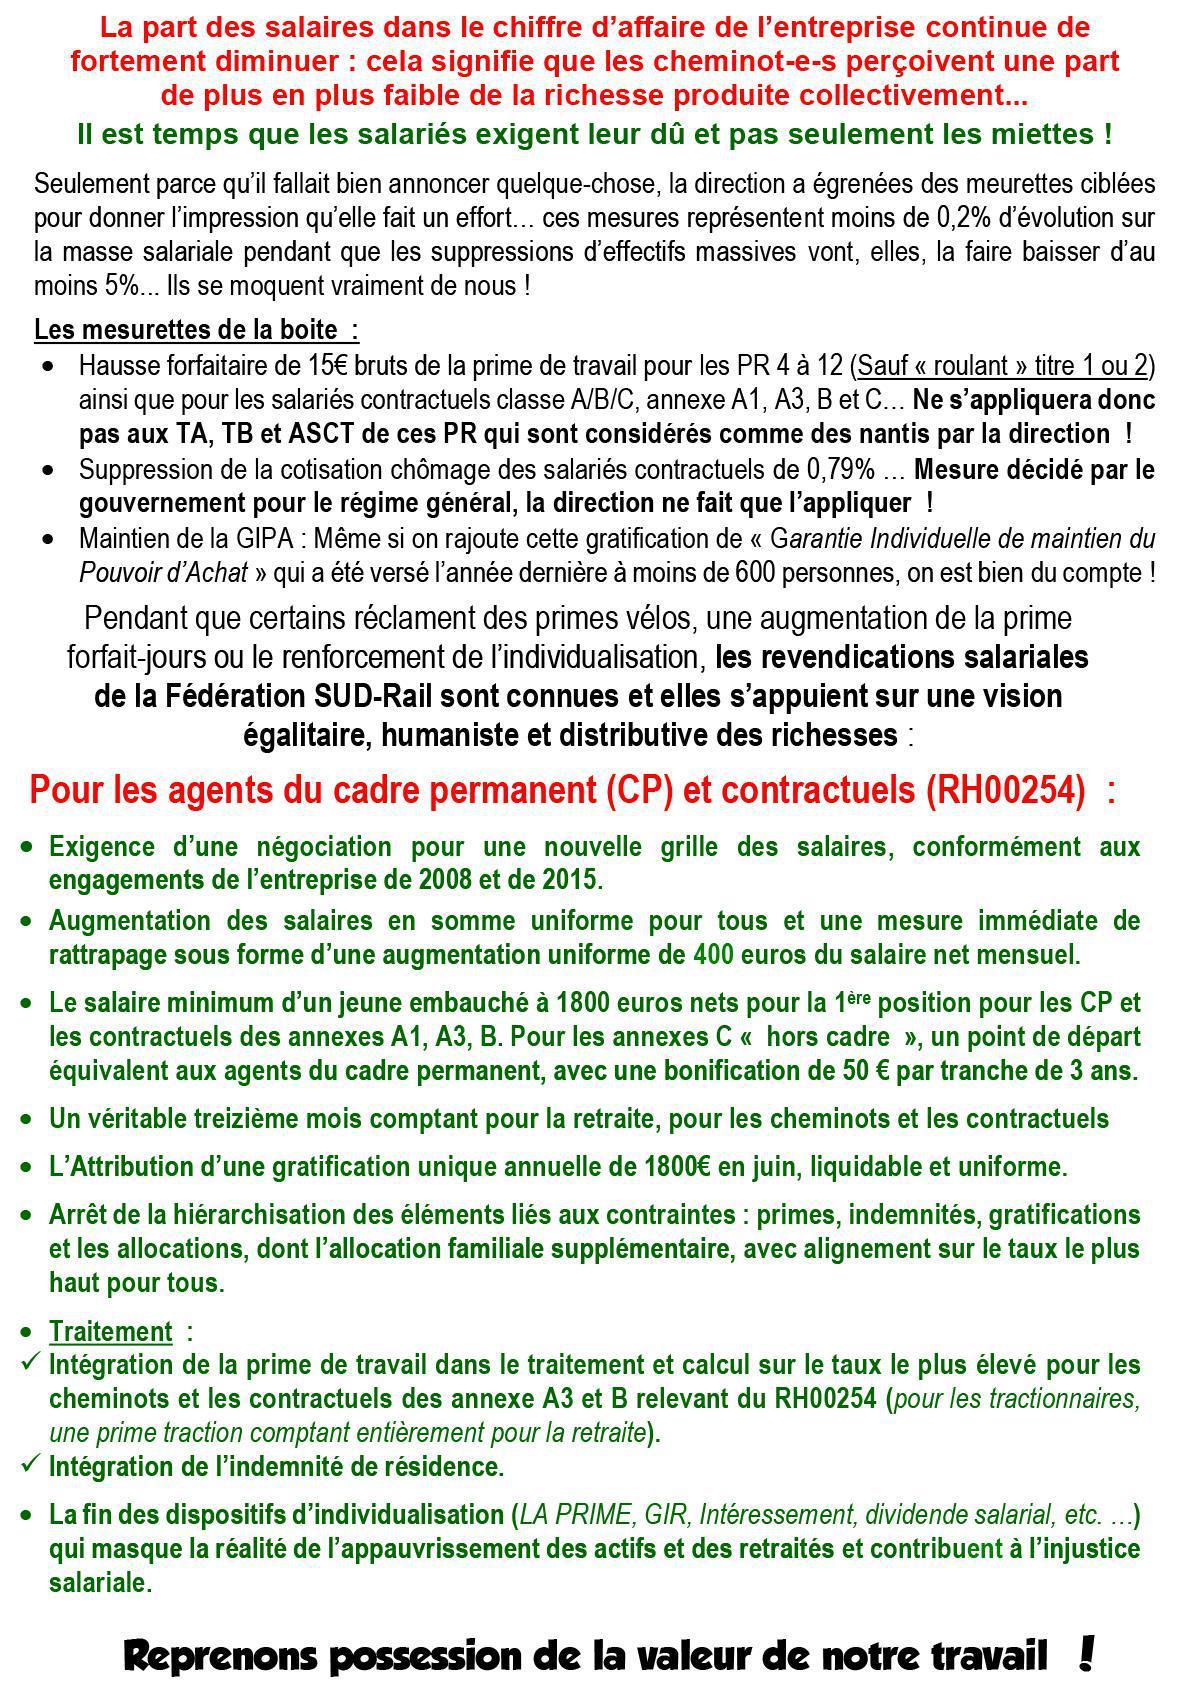 SALAIRES 2018 : LA DIRECTION ANNONCE UNE 4ÈME ANNÉE À 0 % D'AUGMENTATION GÉNÉRALE !